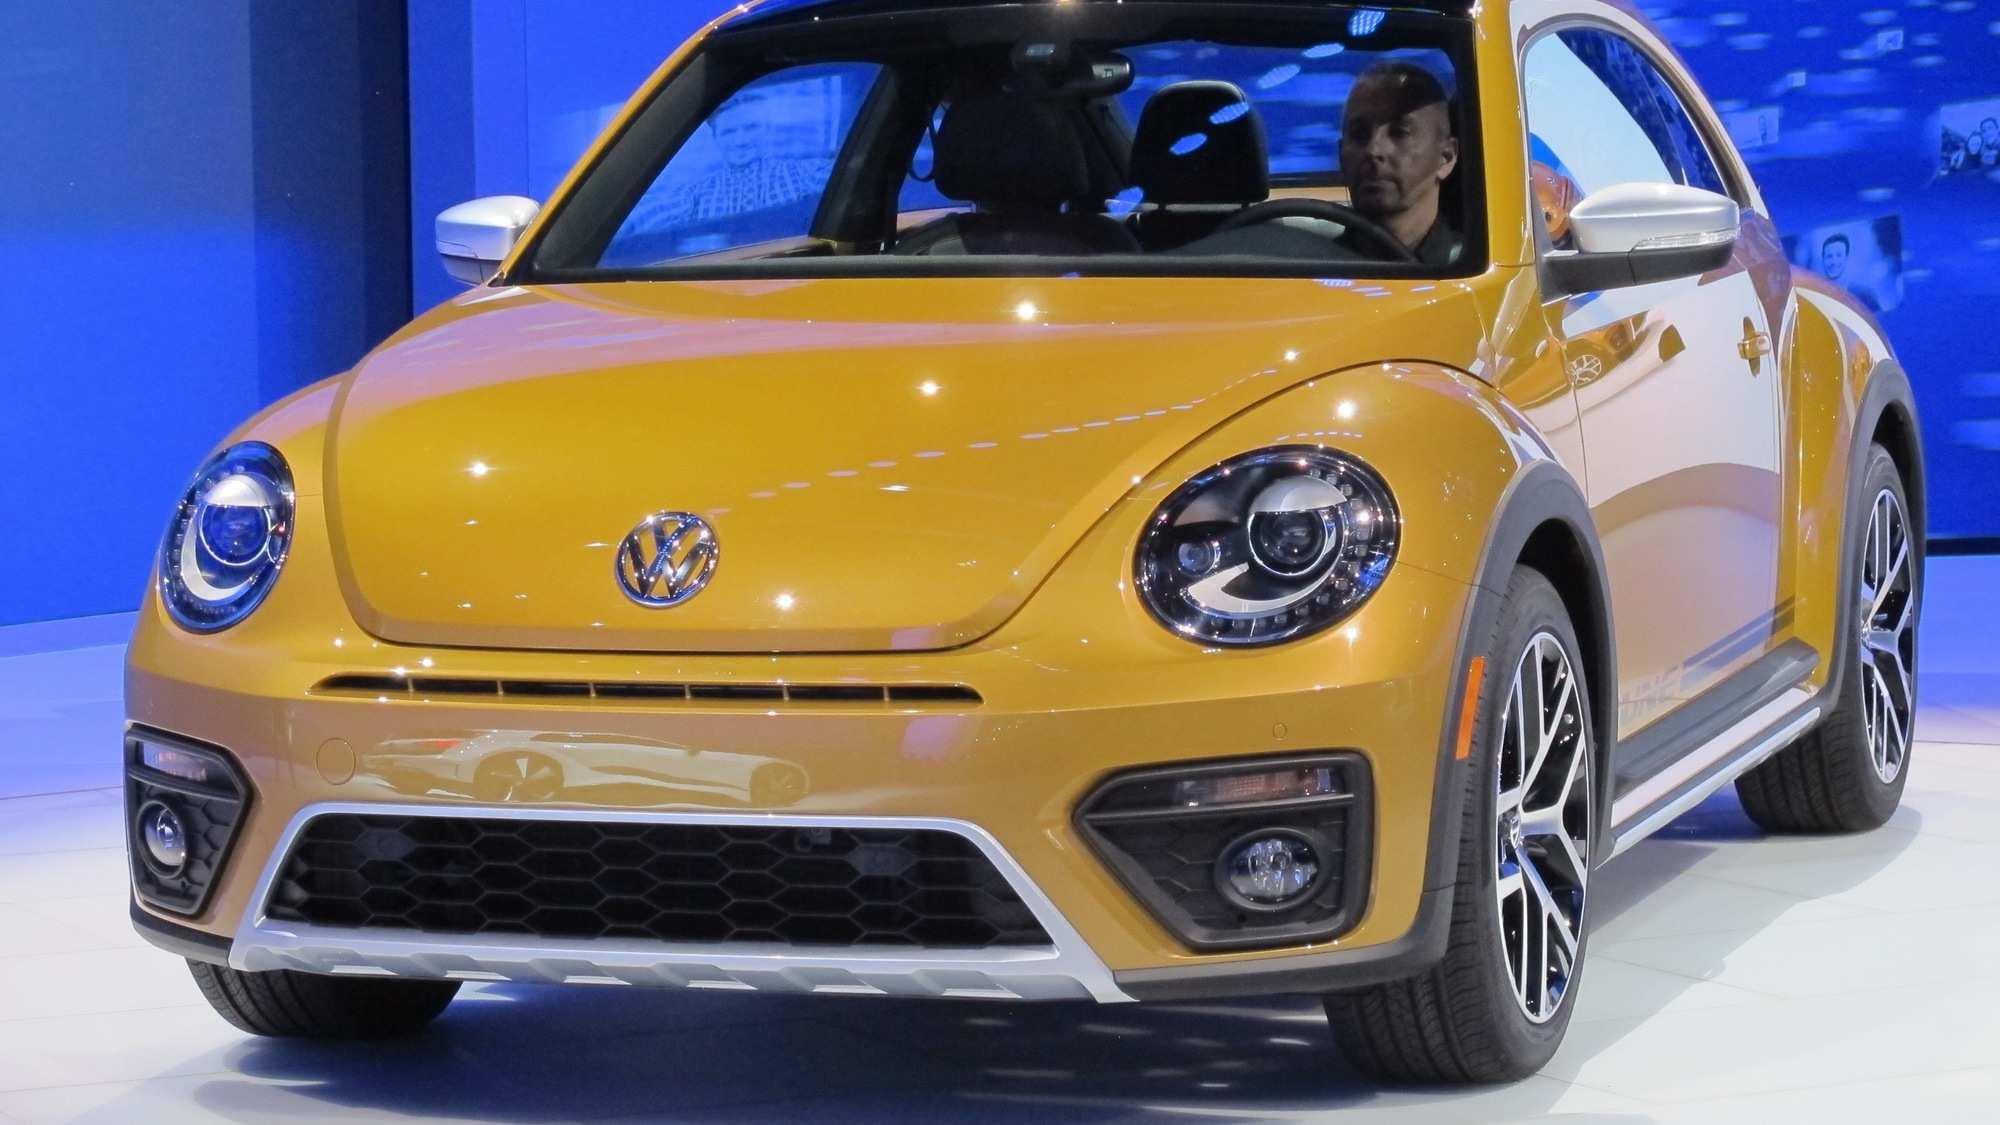 69 Concept of 2020 Volkswagen Beetle Dune Model with 2020 Volkswagen Beetle Dune